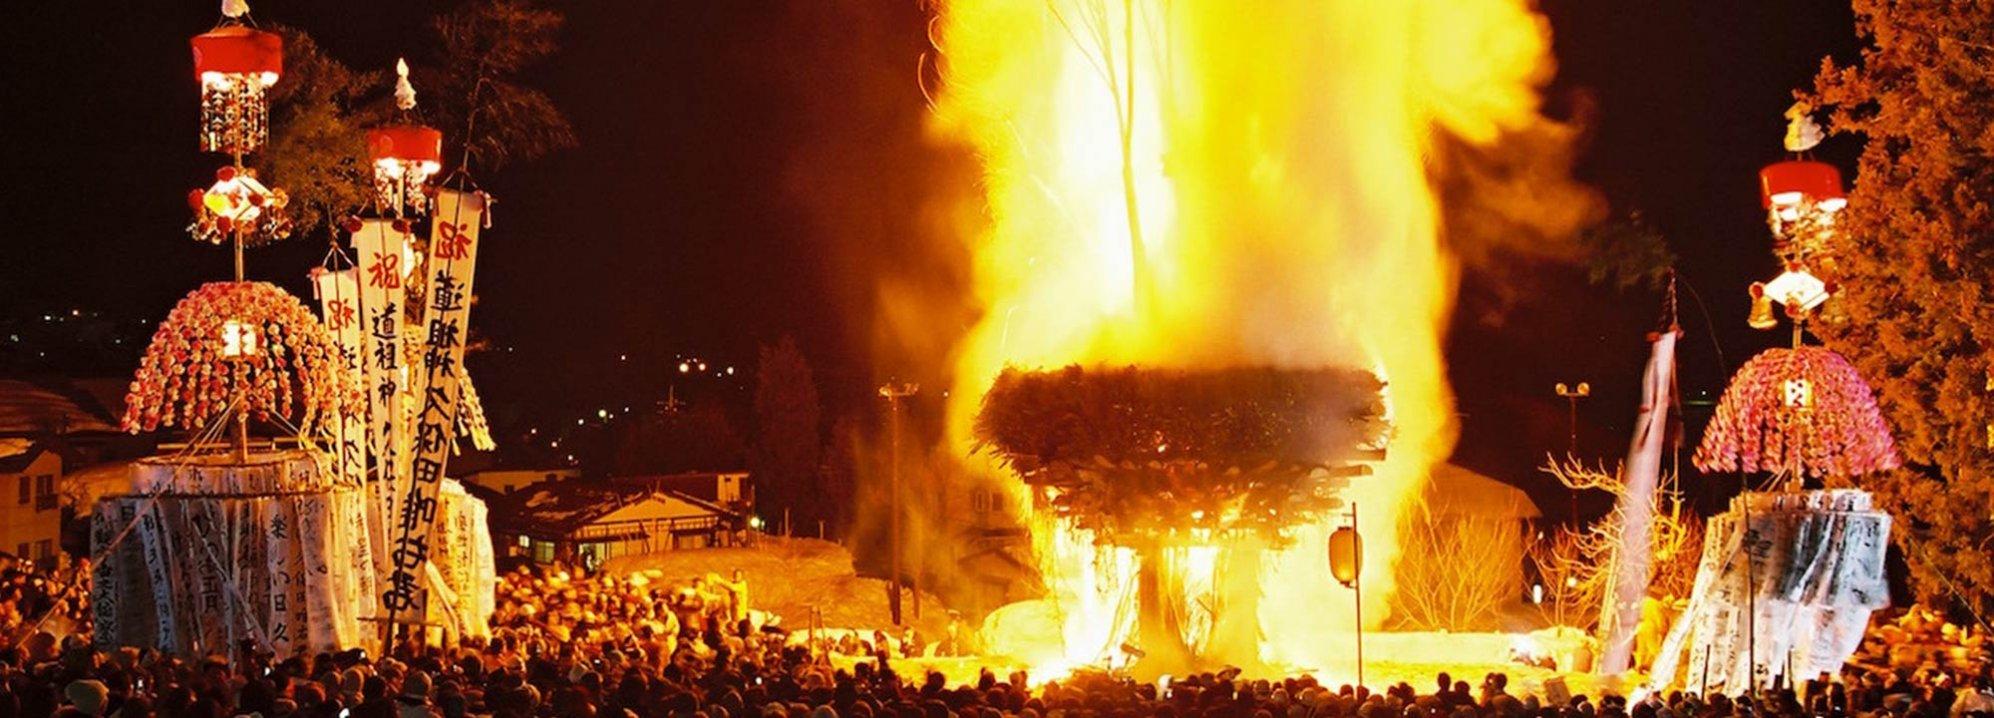 Discover unique festival traditions